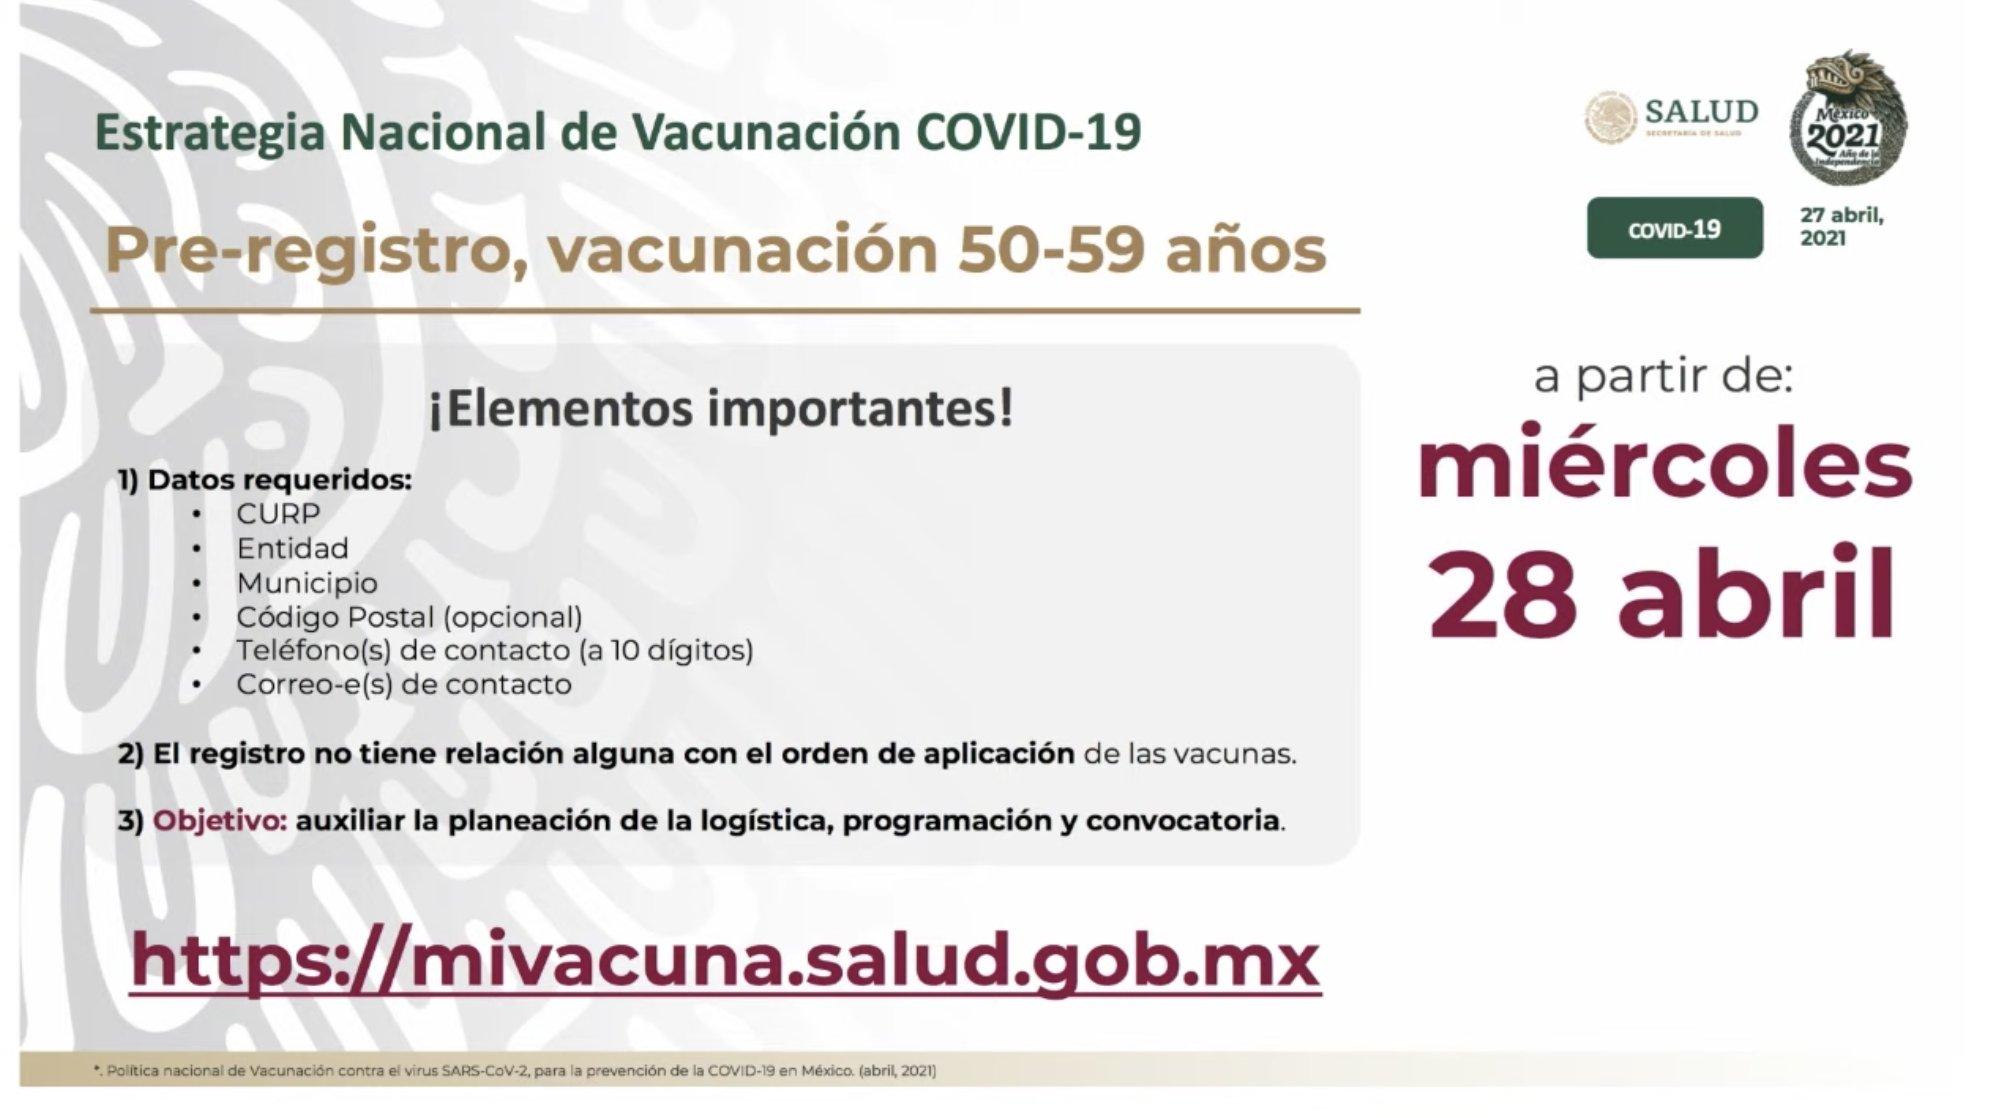 Mañana inicia el prerregistro para la vacunación de adultos de entre 50 a 59 años de edad. Imagen: Ssa